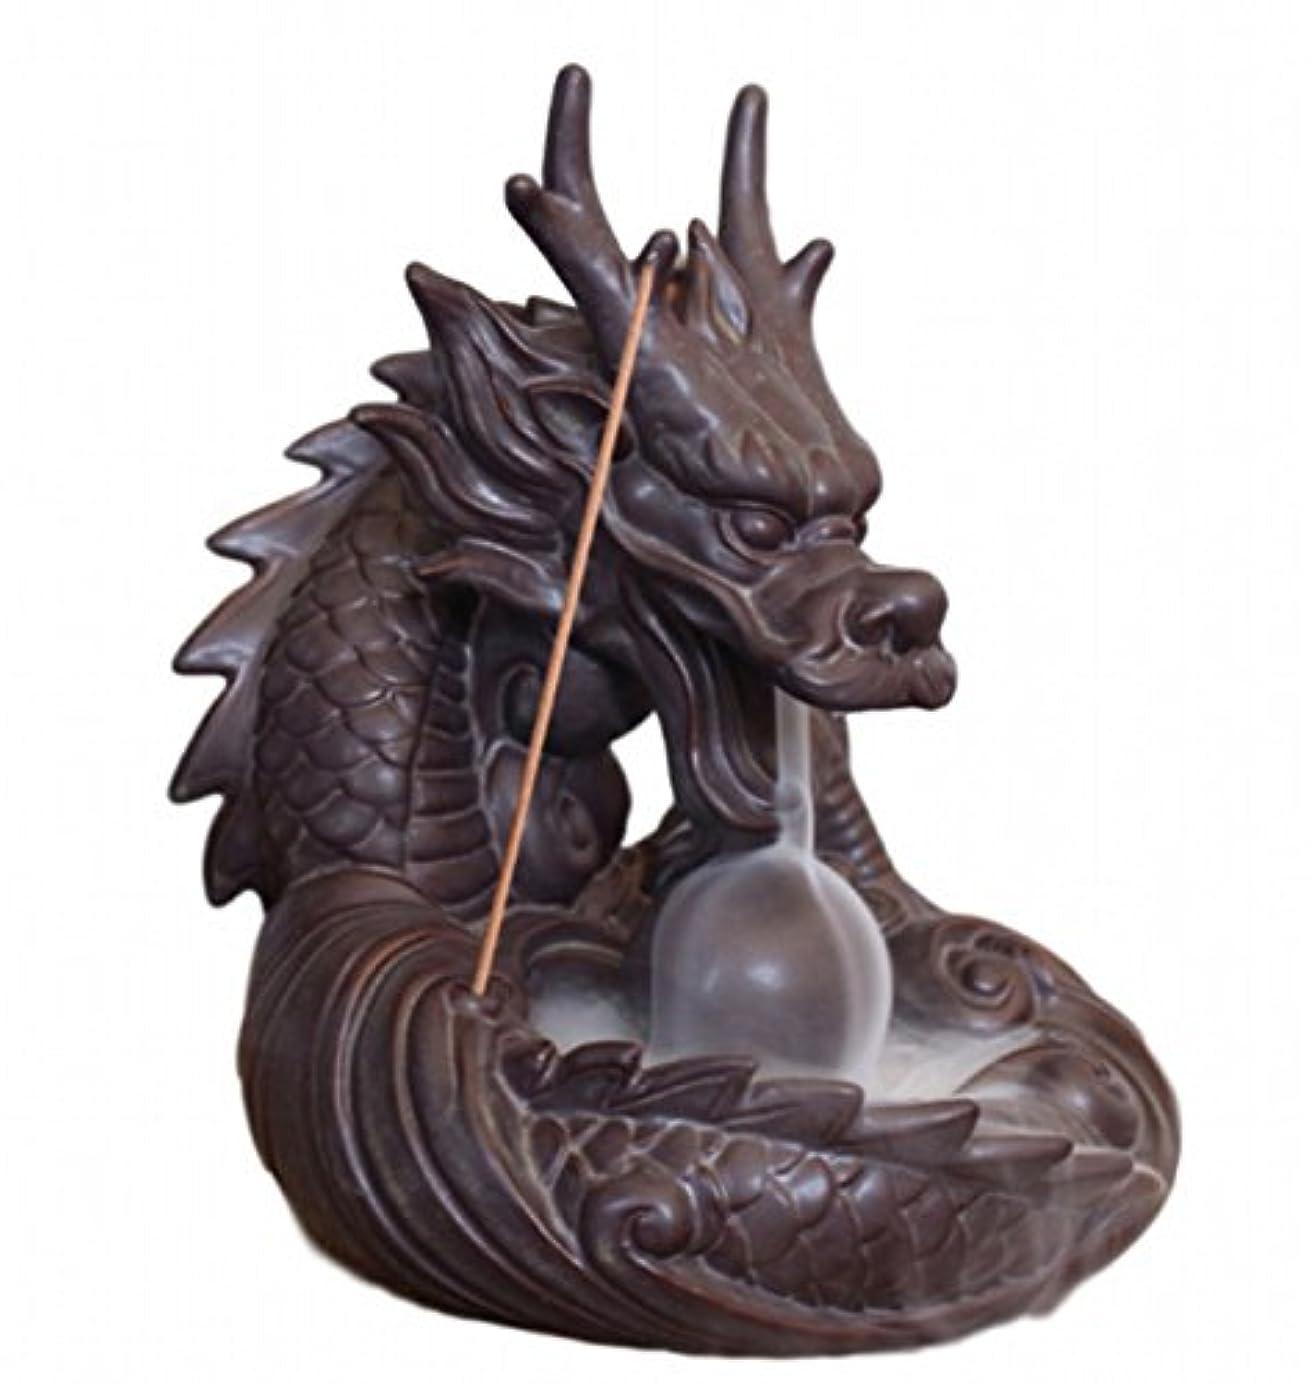 樹皮呼び出す静かな【Rurumiマーケット】不思議なお香 倒流香 用 香炉 ドラゴン お試しお香付き 流川香 陶器製 (ドラゴンB)